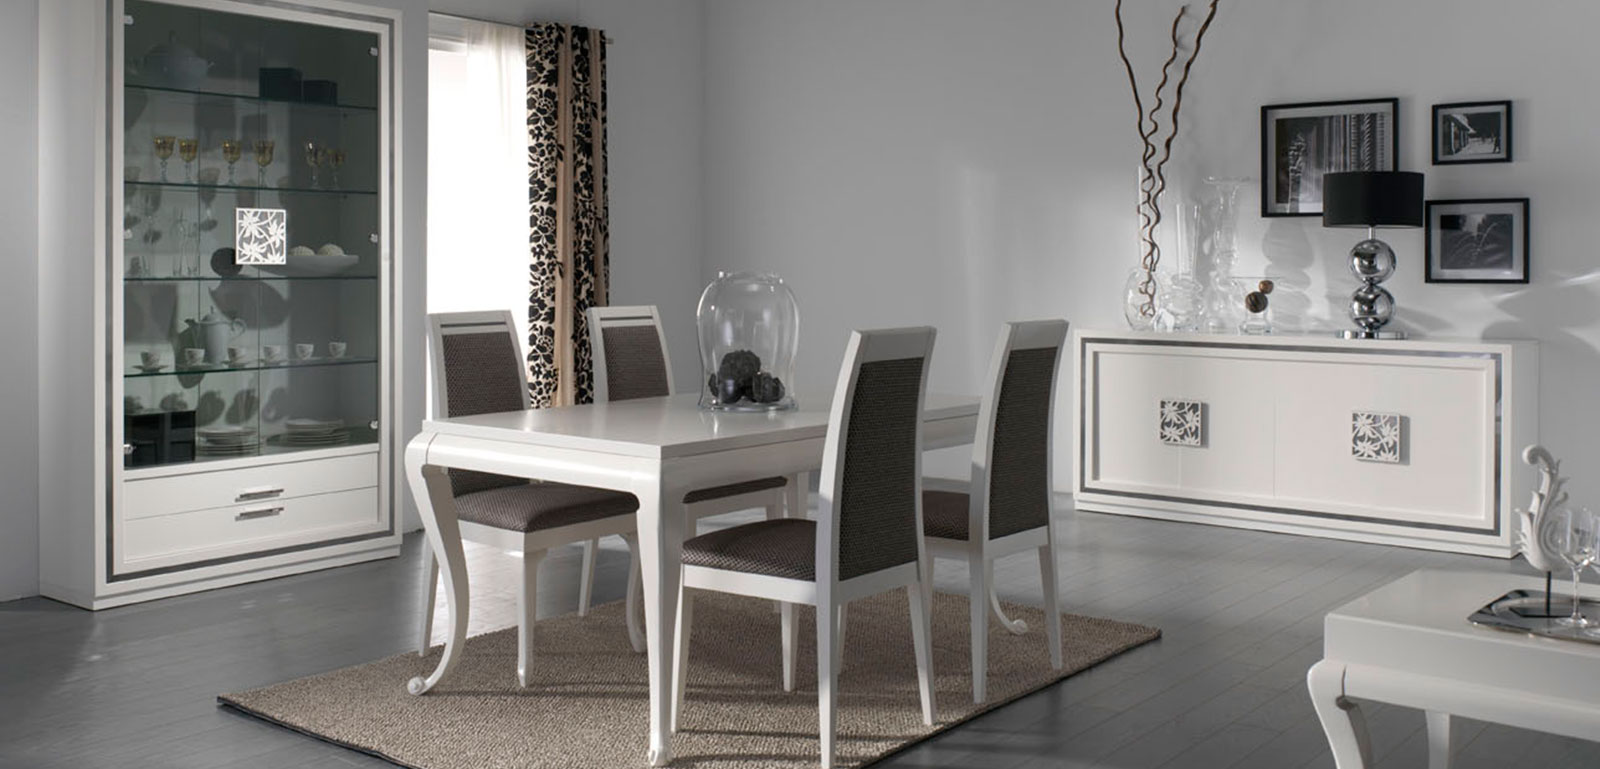 Muebles monrabal chirivella silla colecci n nilo - Muebles comedor blanco lacado ...